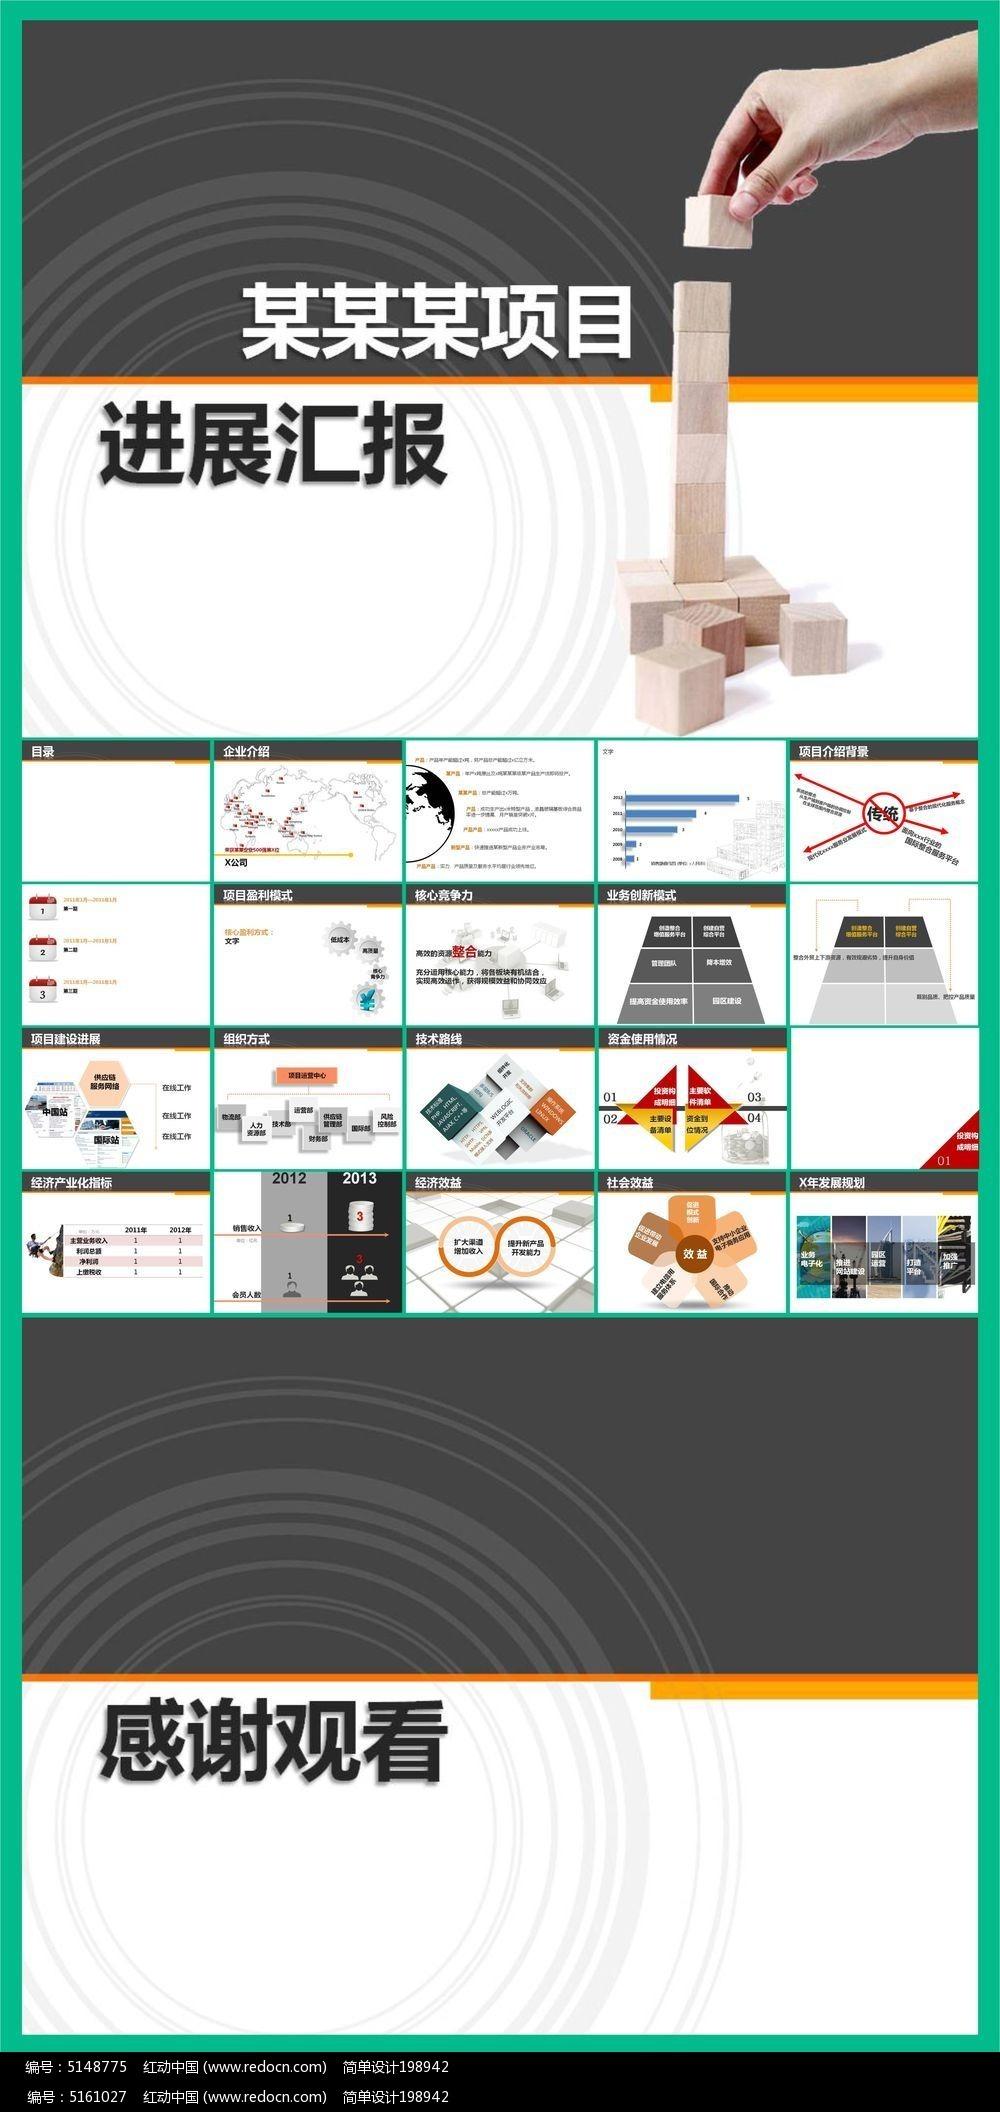 企业项目进展汇报ppt模板